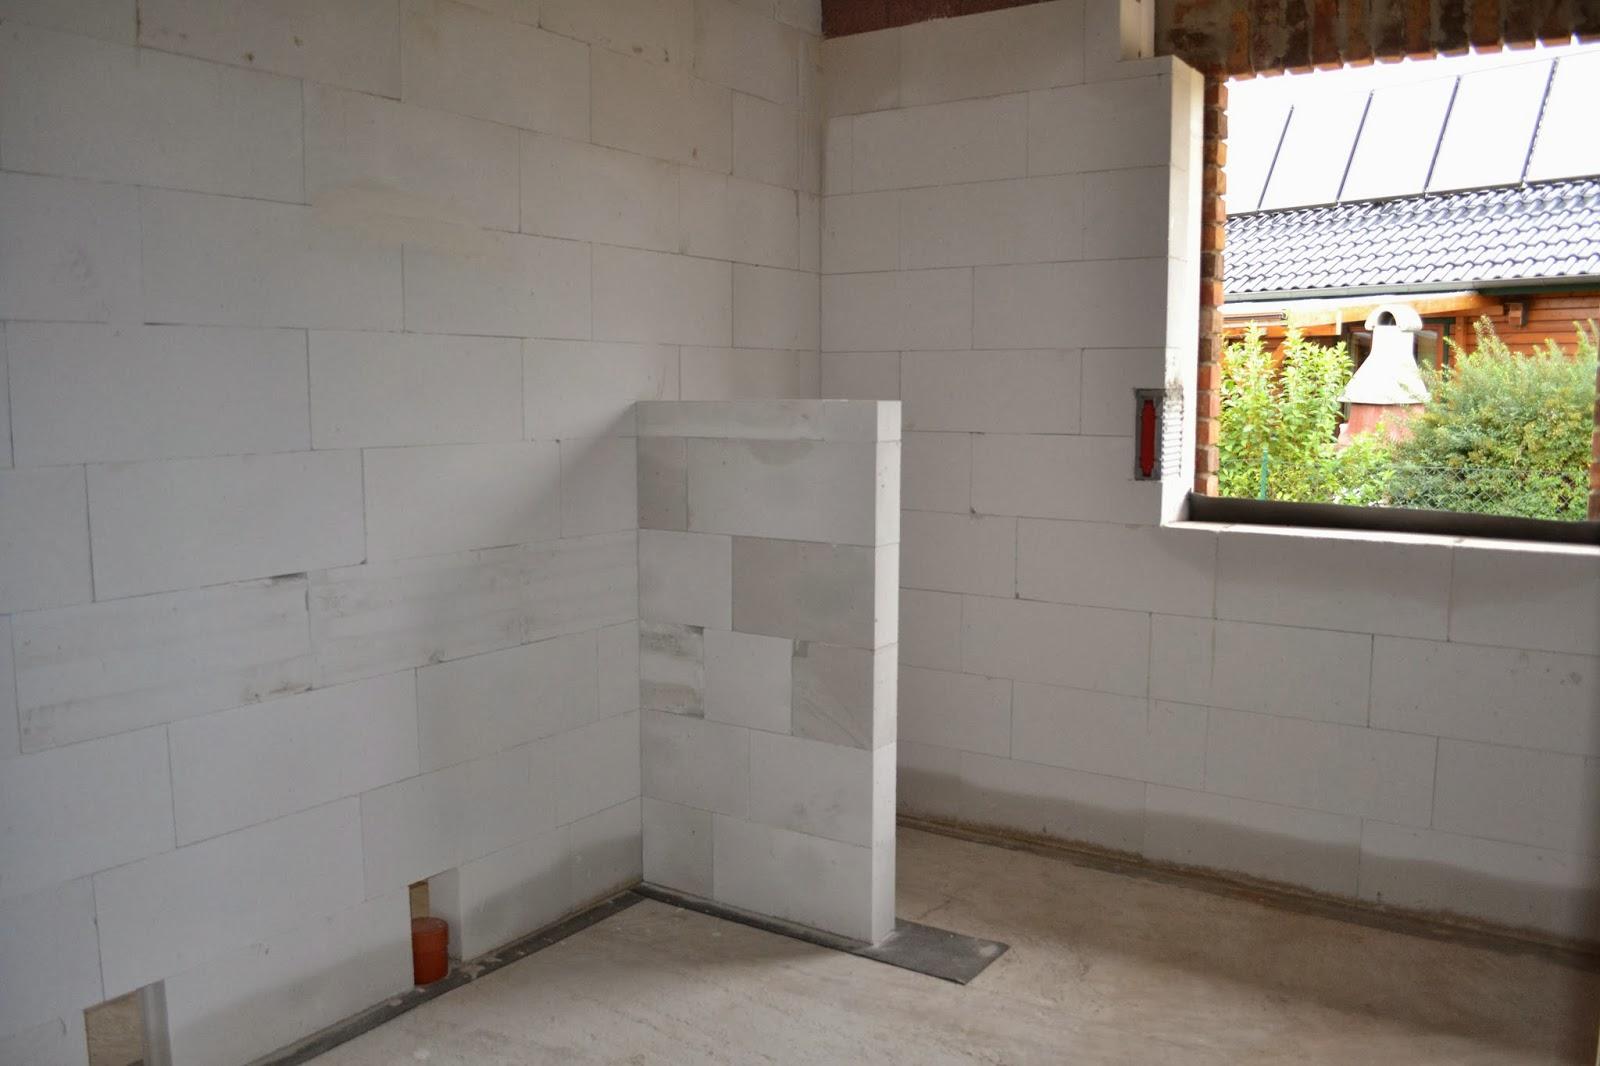 Schamwand Wc tönjes und meichsner bungalow die fleißigen maurer